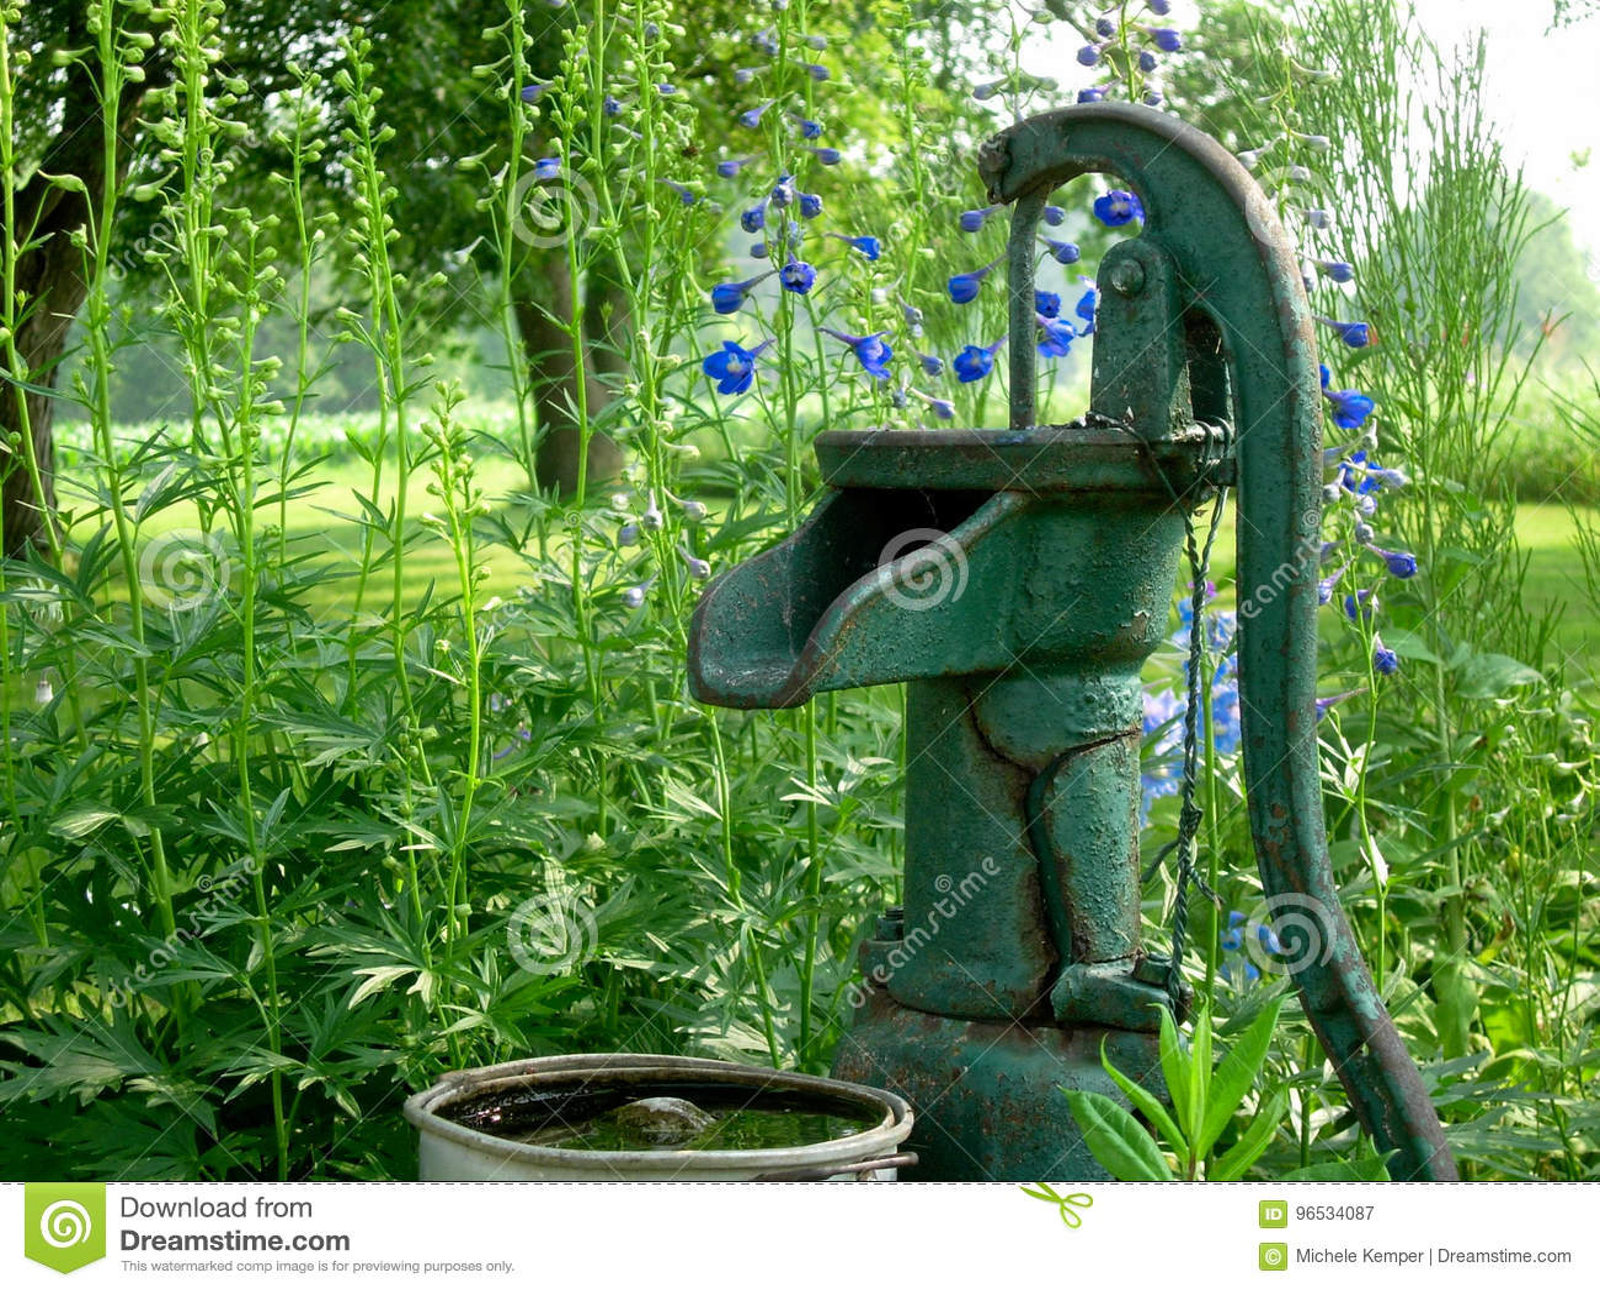 antike wasser-pumpe im garten stockbild - bild von metall